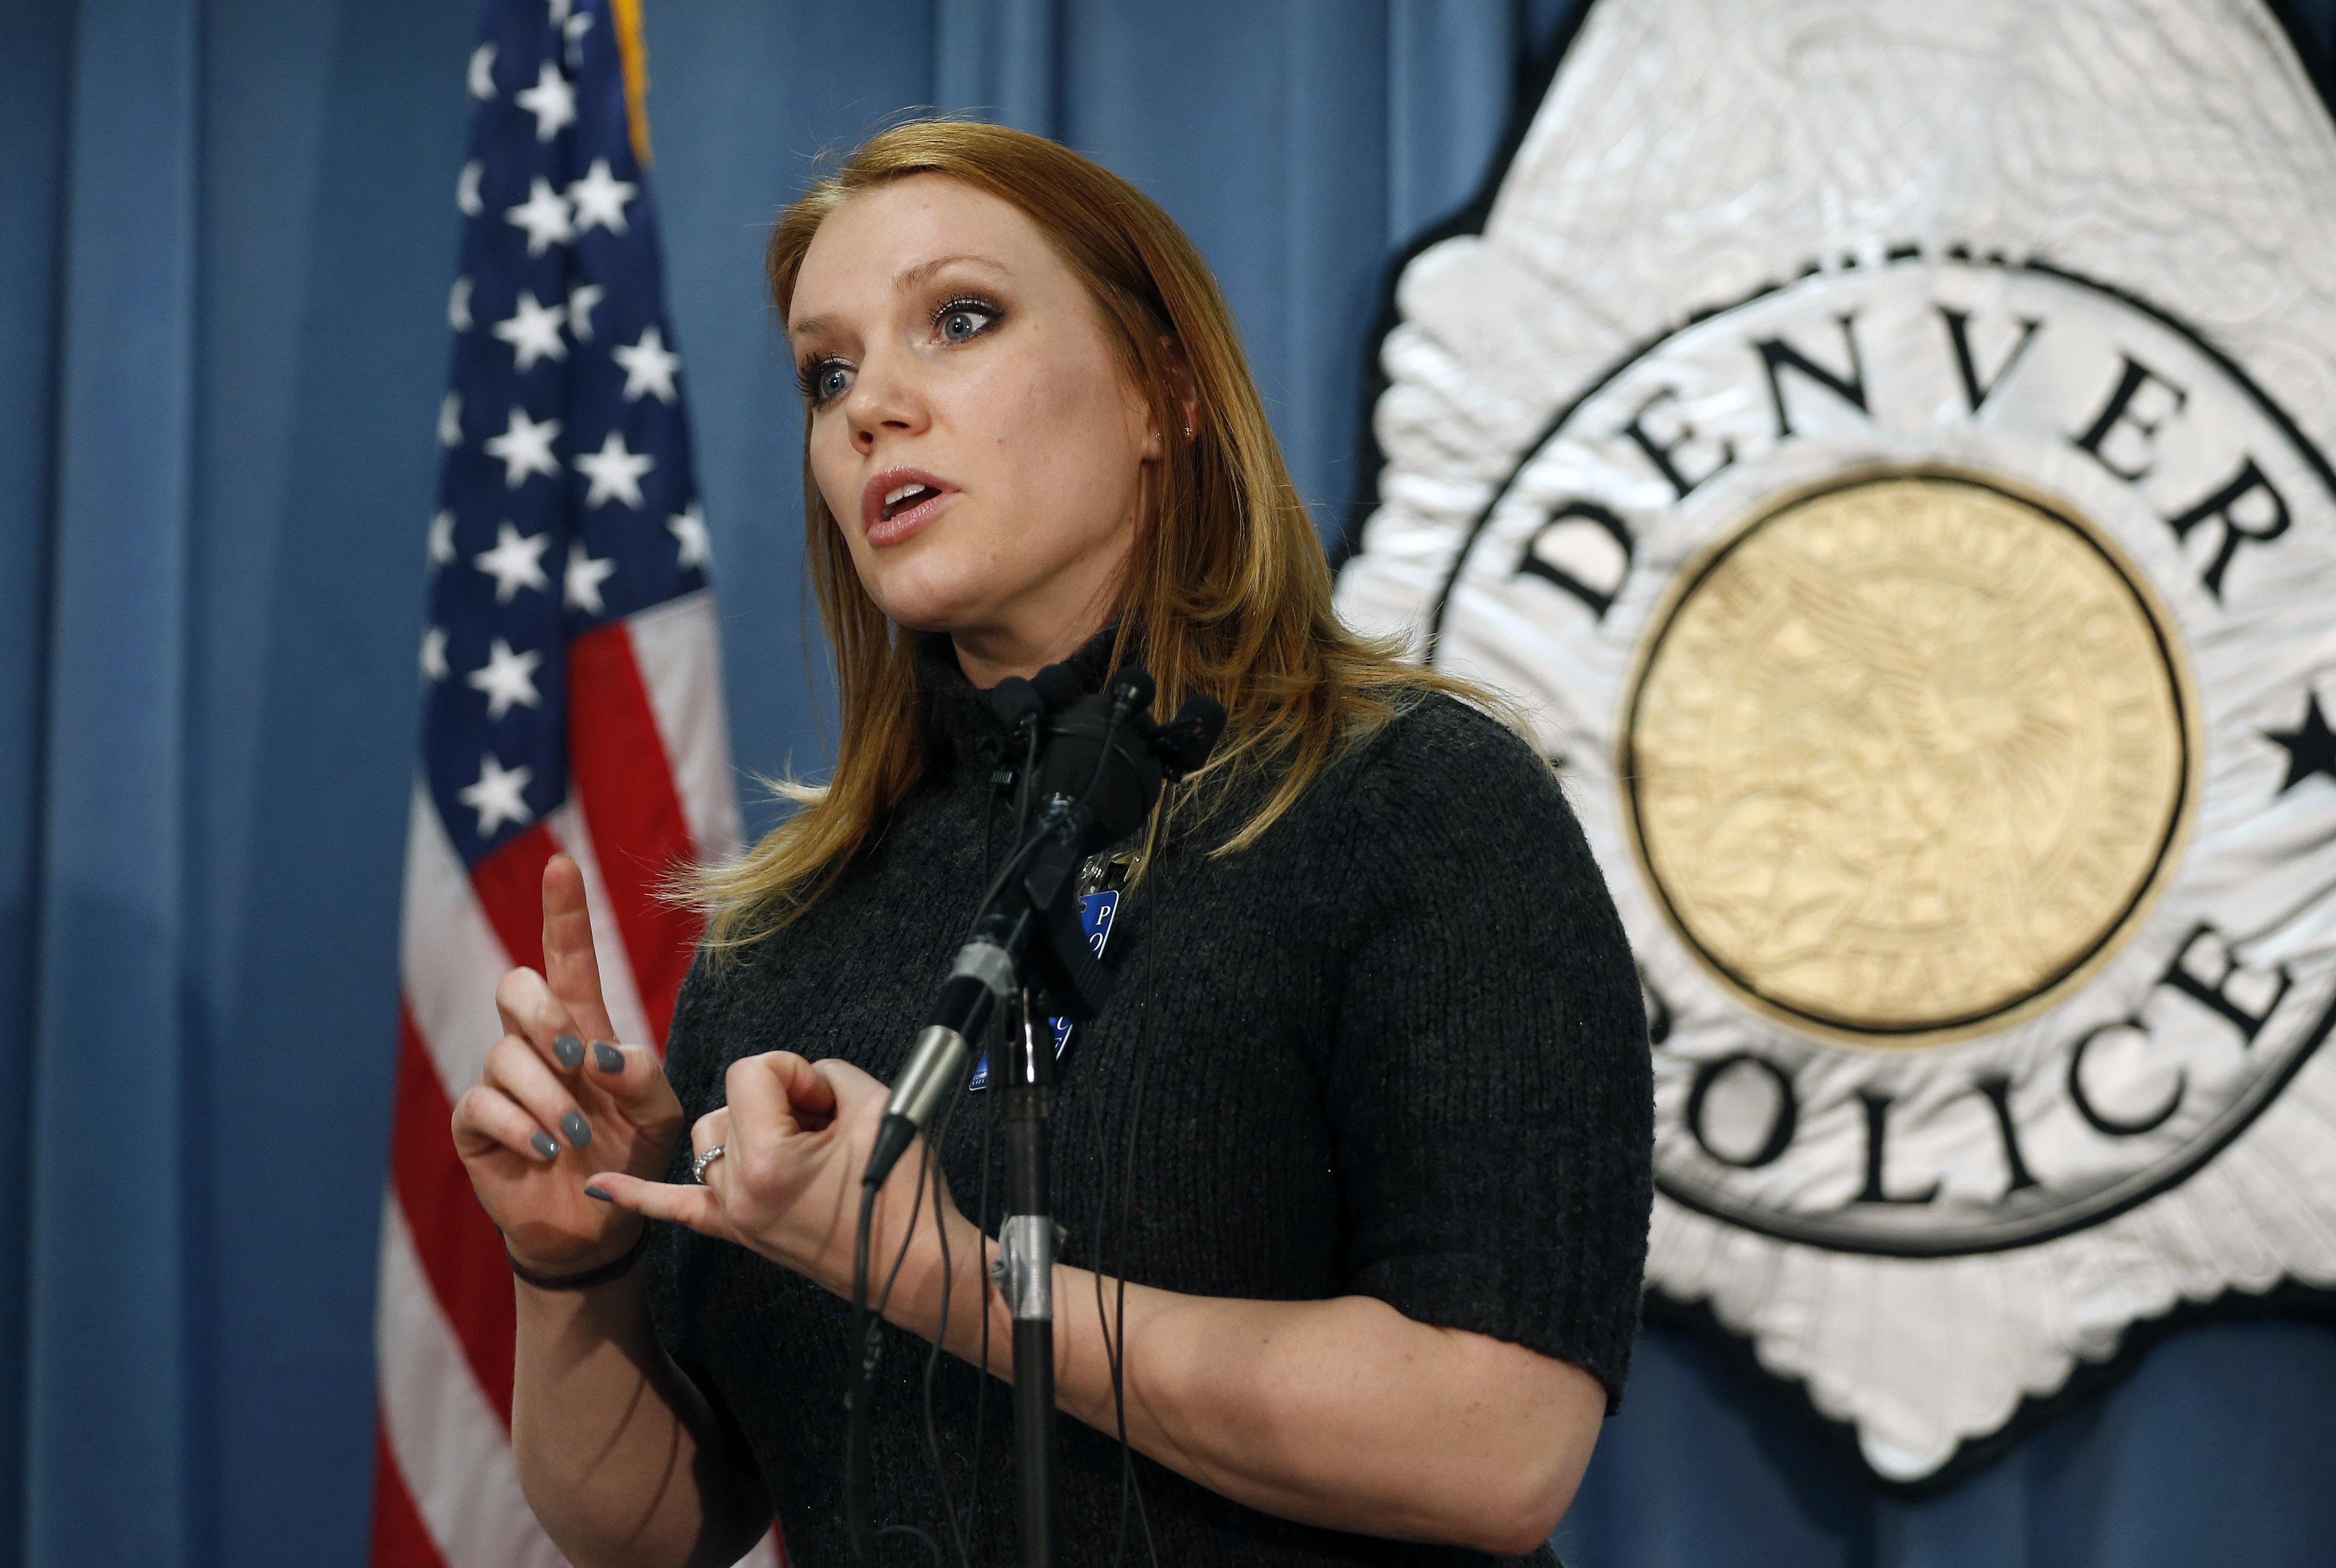 Photo: Denver police Cmdr. Magen Dodge (AP Photo)